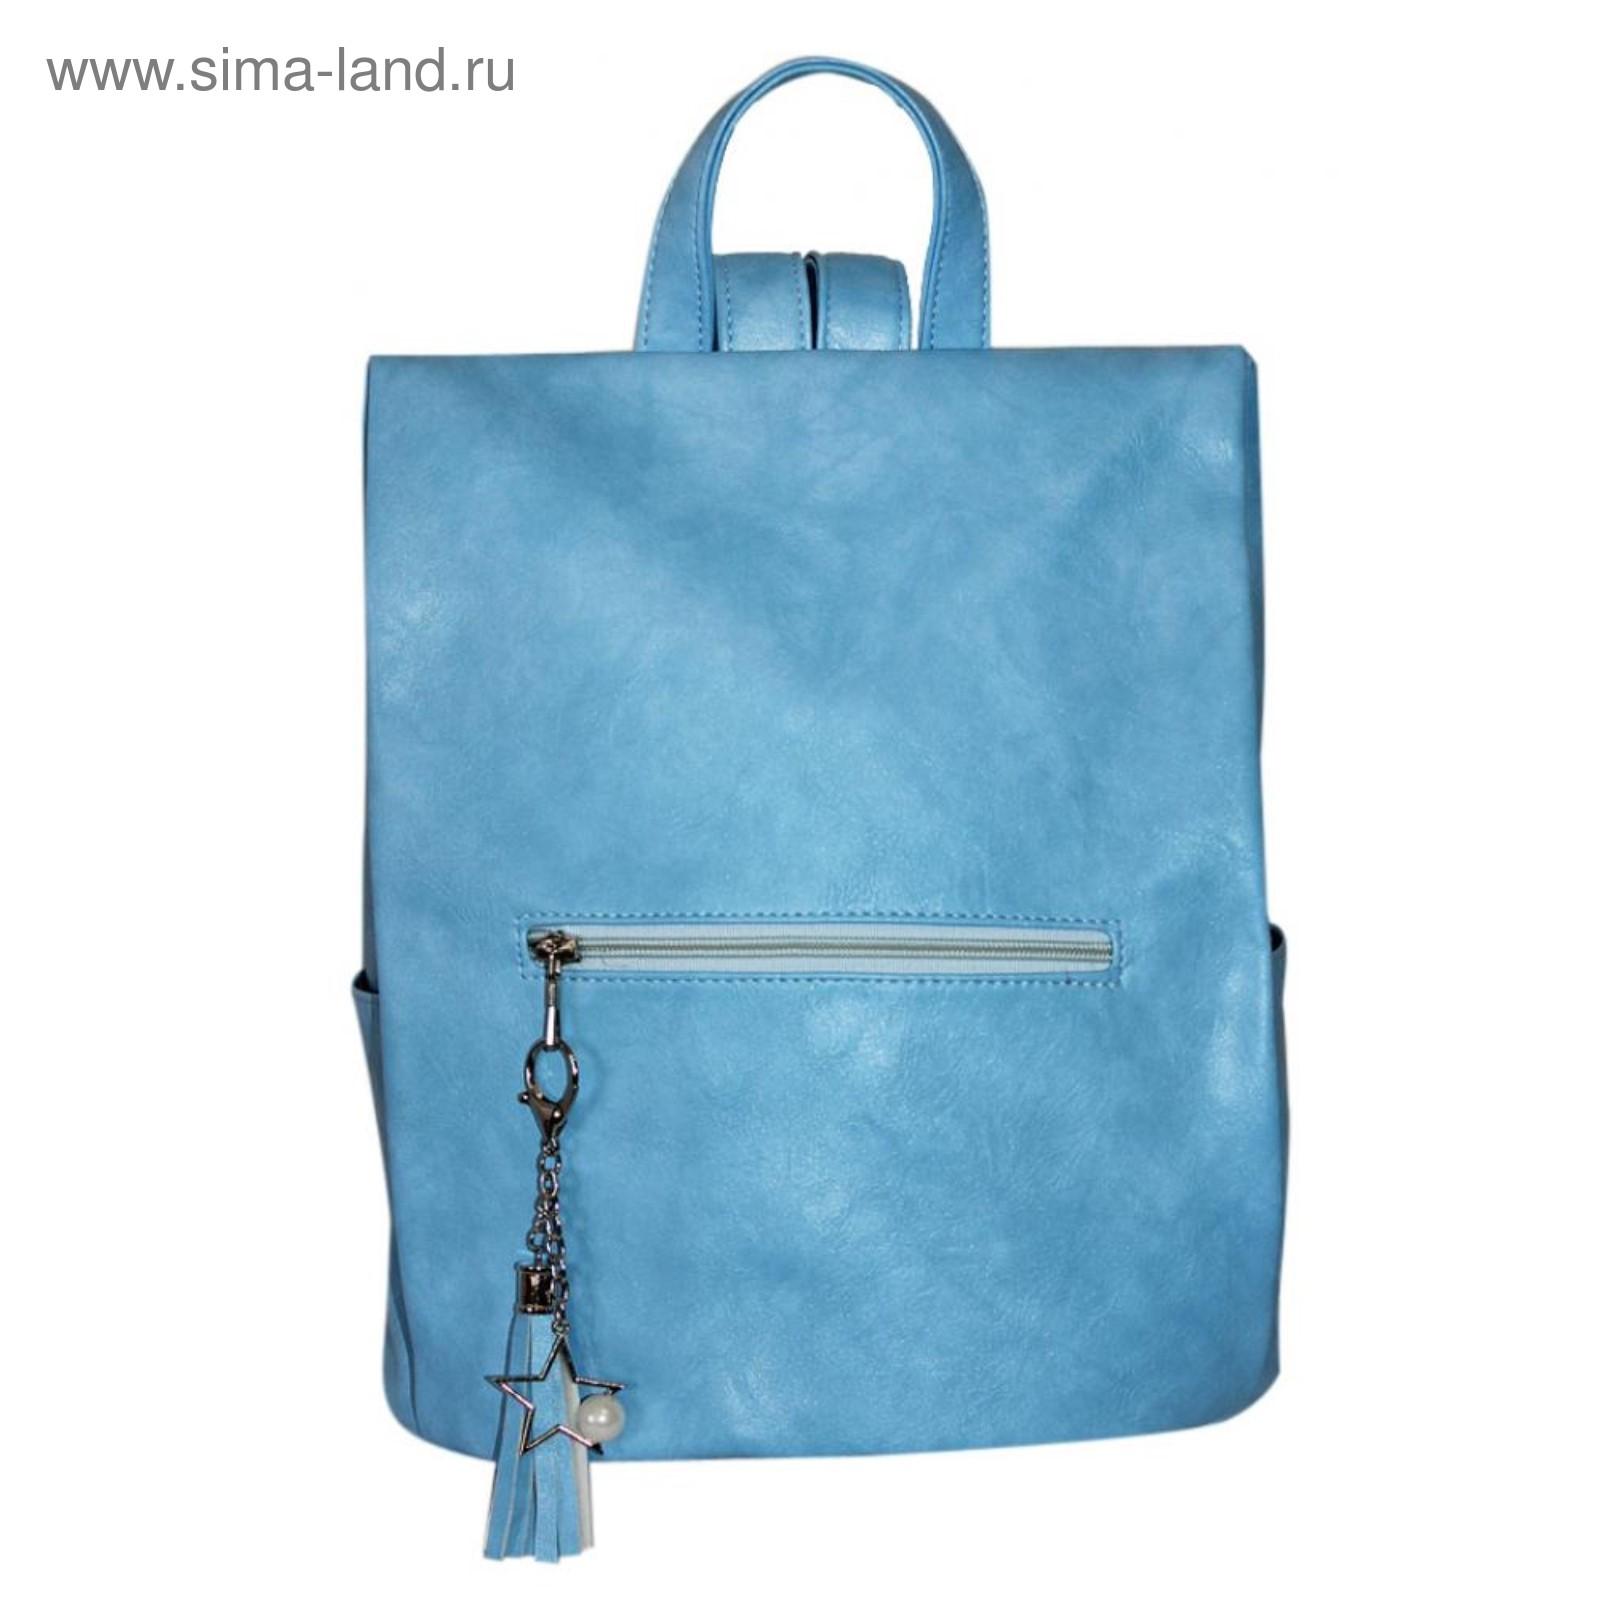 17f97a9f9a38 Рюкзак женский Serena, 1 отдел, цвет голубой (4143101) - Купить по ...